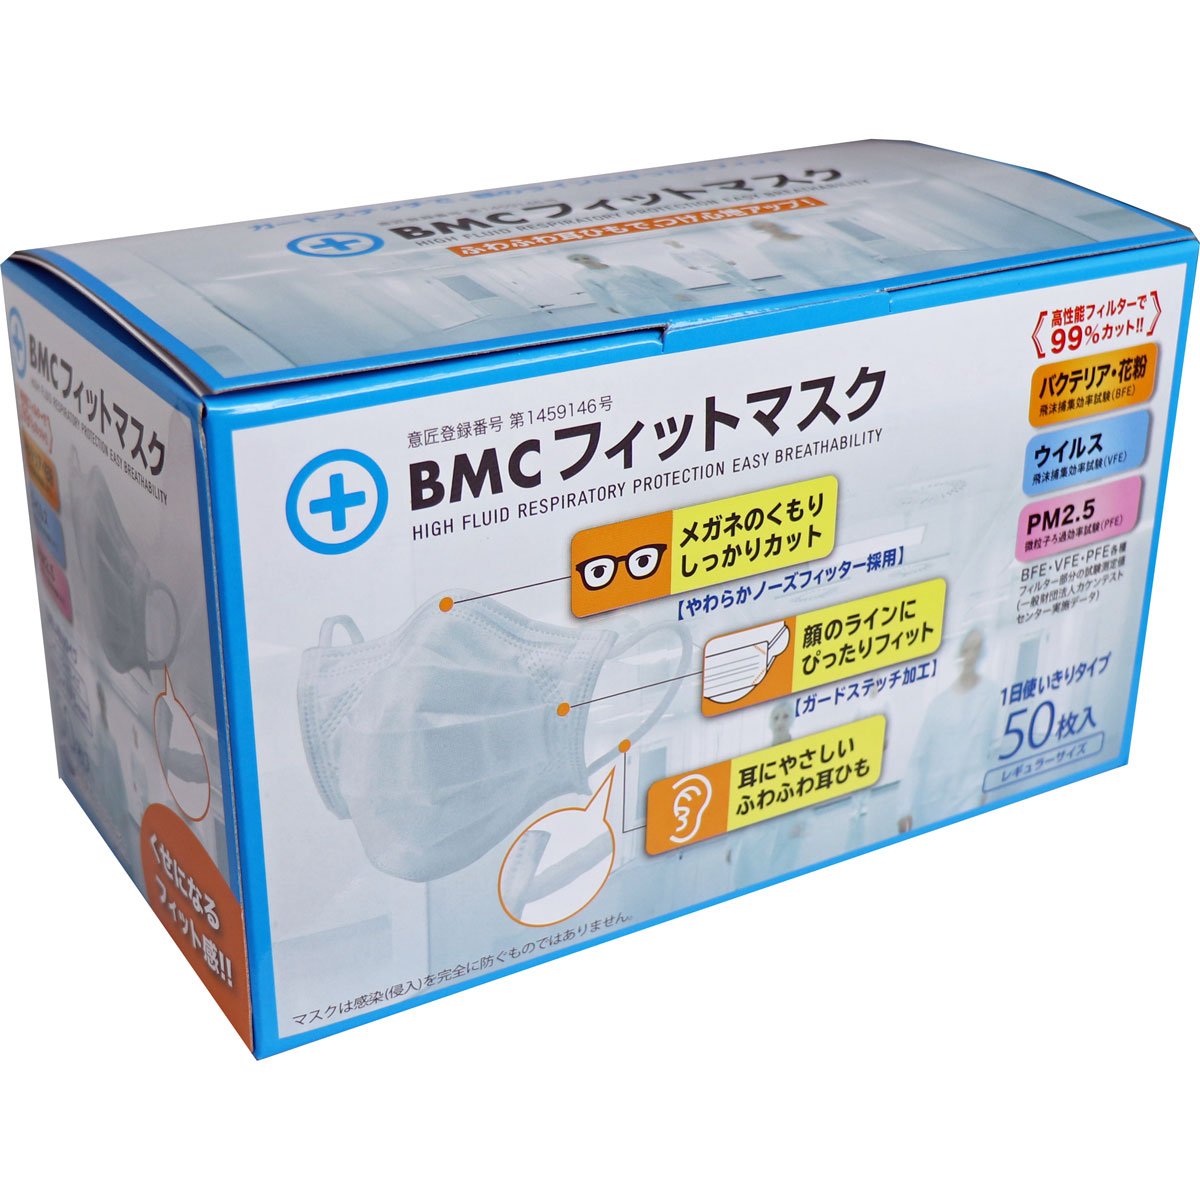 【送料無料】サージカルマスク大人用50枚×10箱